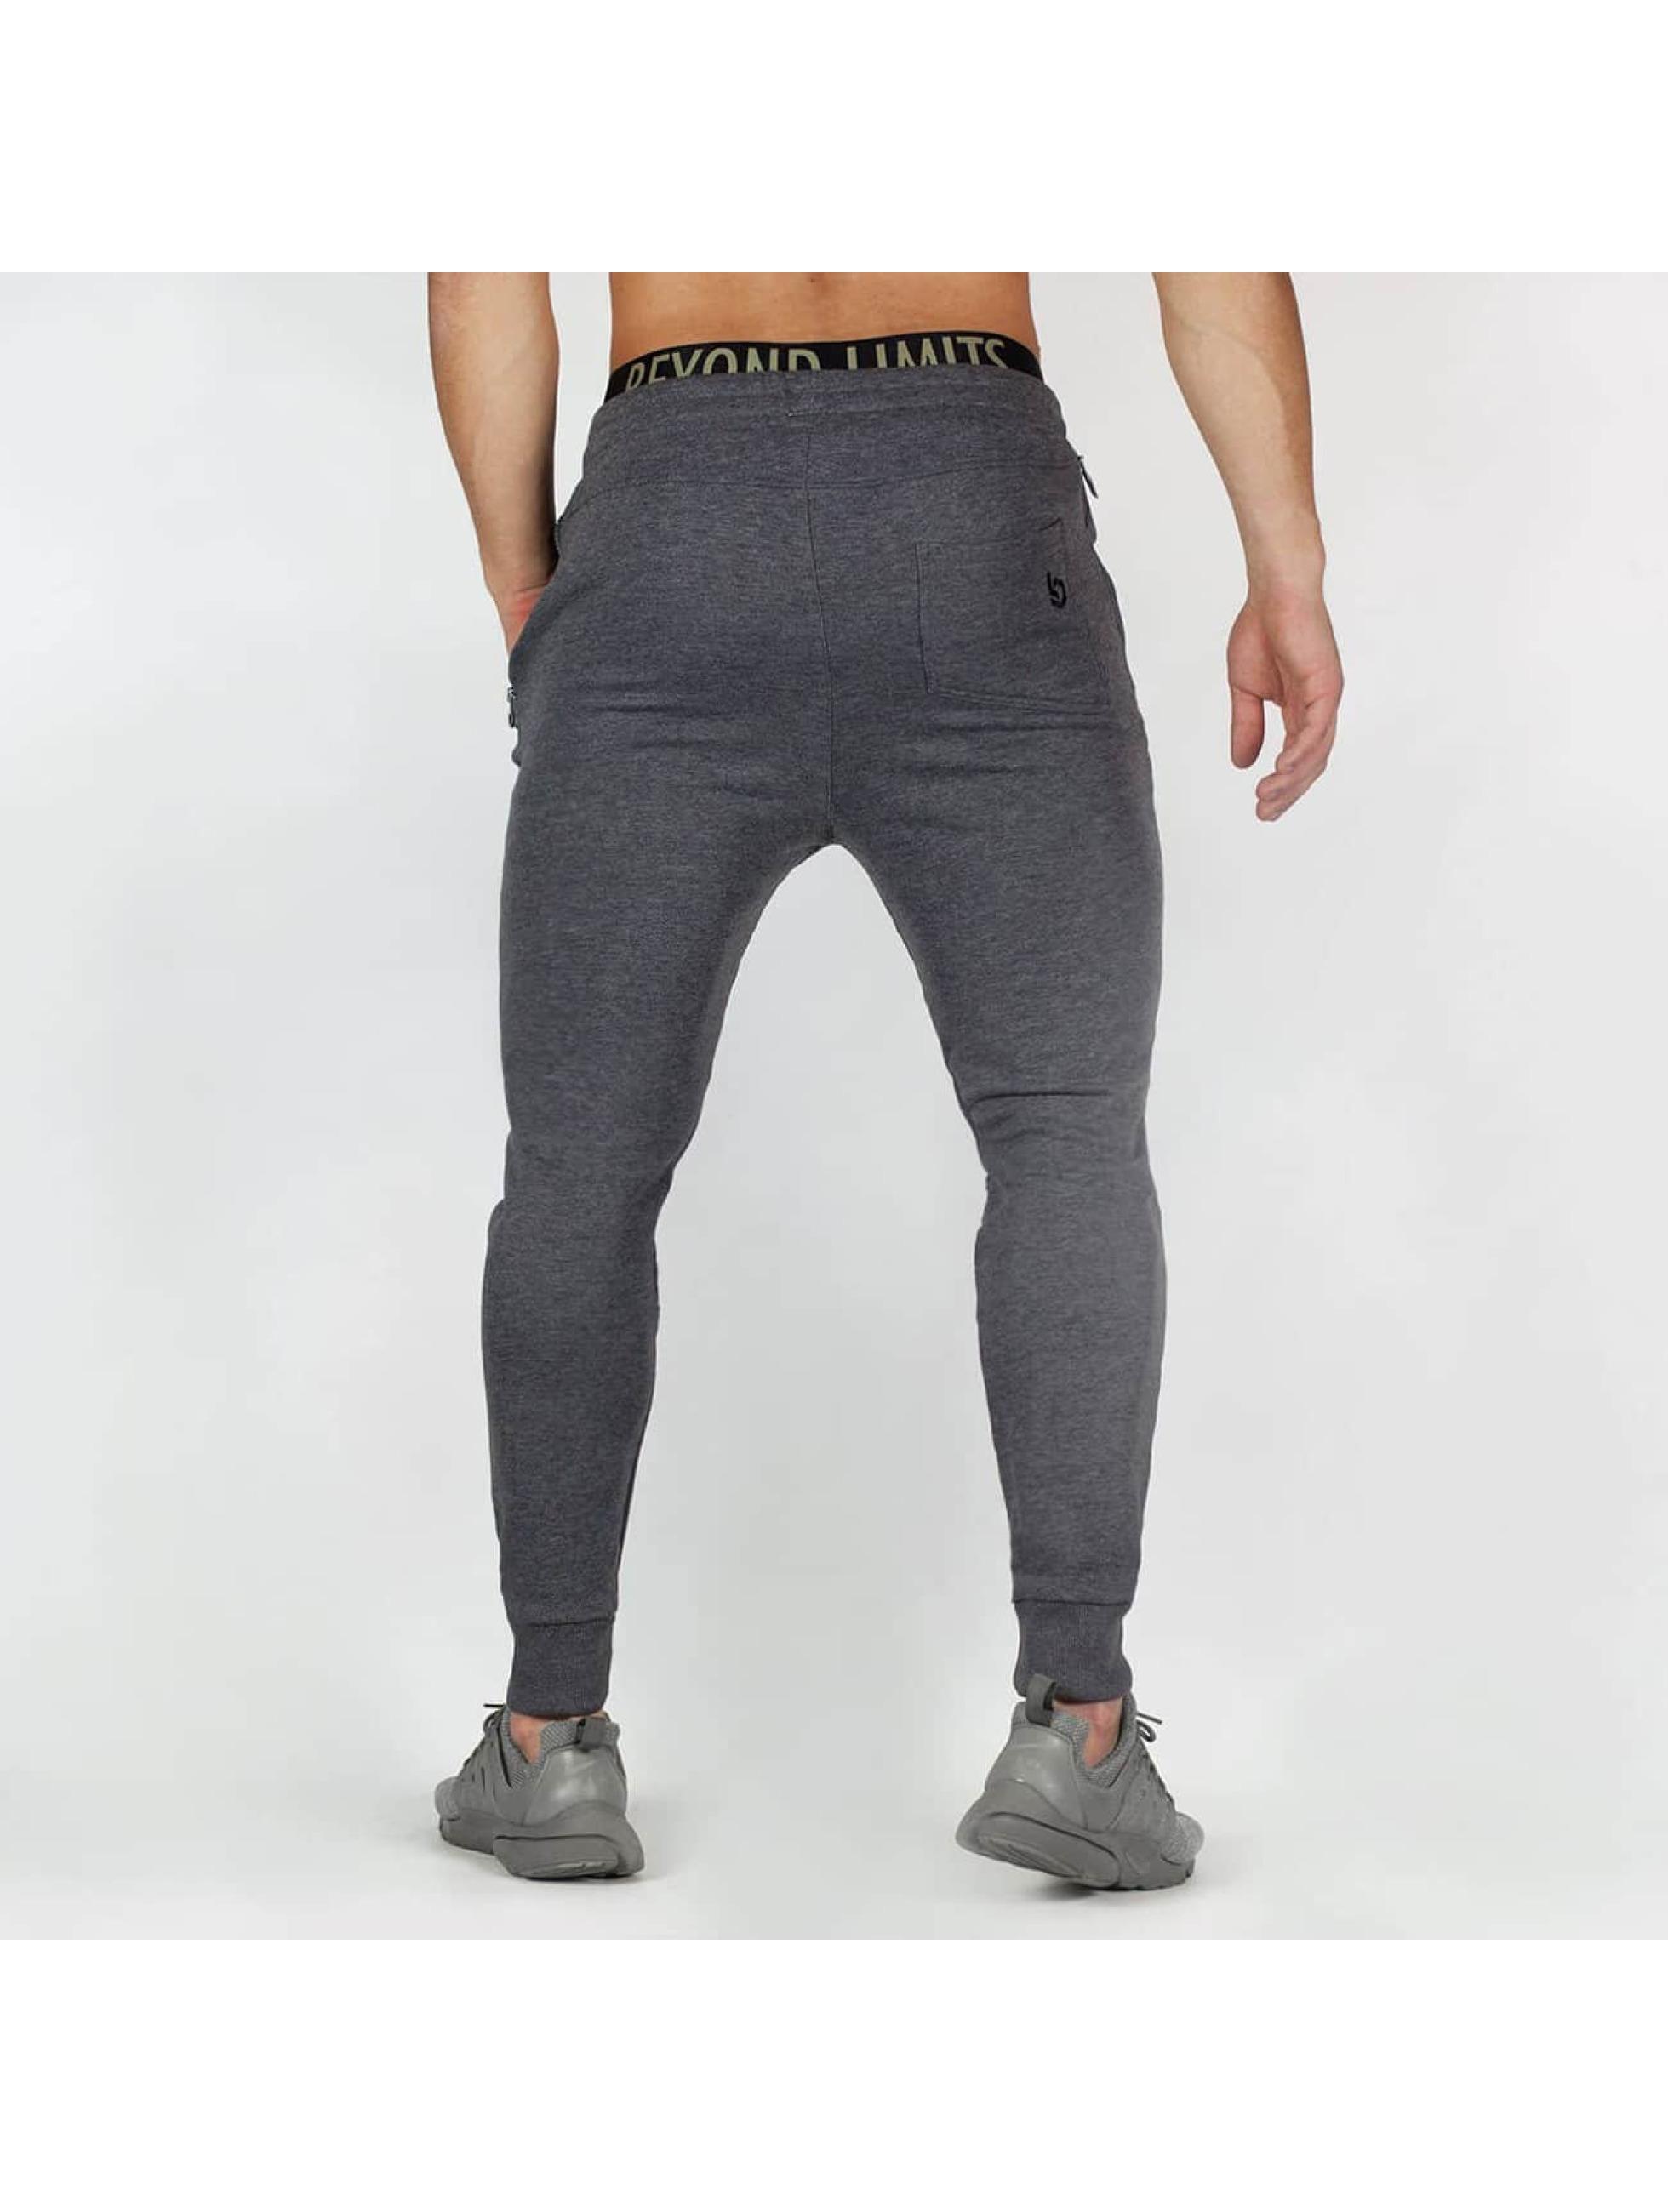 Beyond Limits Spodnie do joggingu Baseline szary